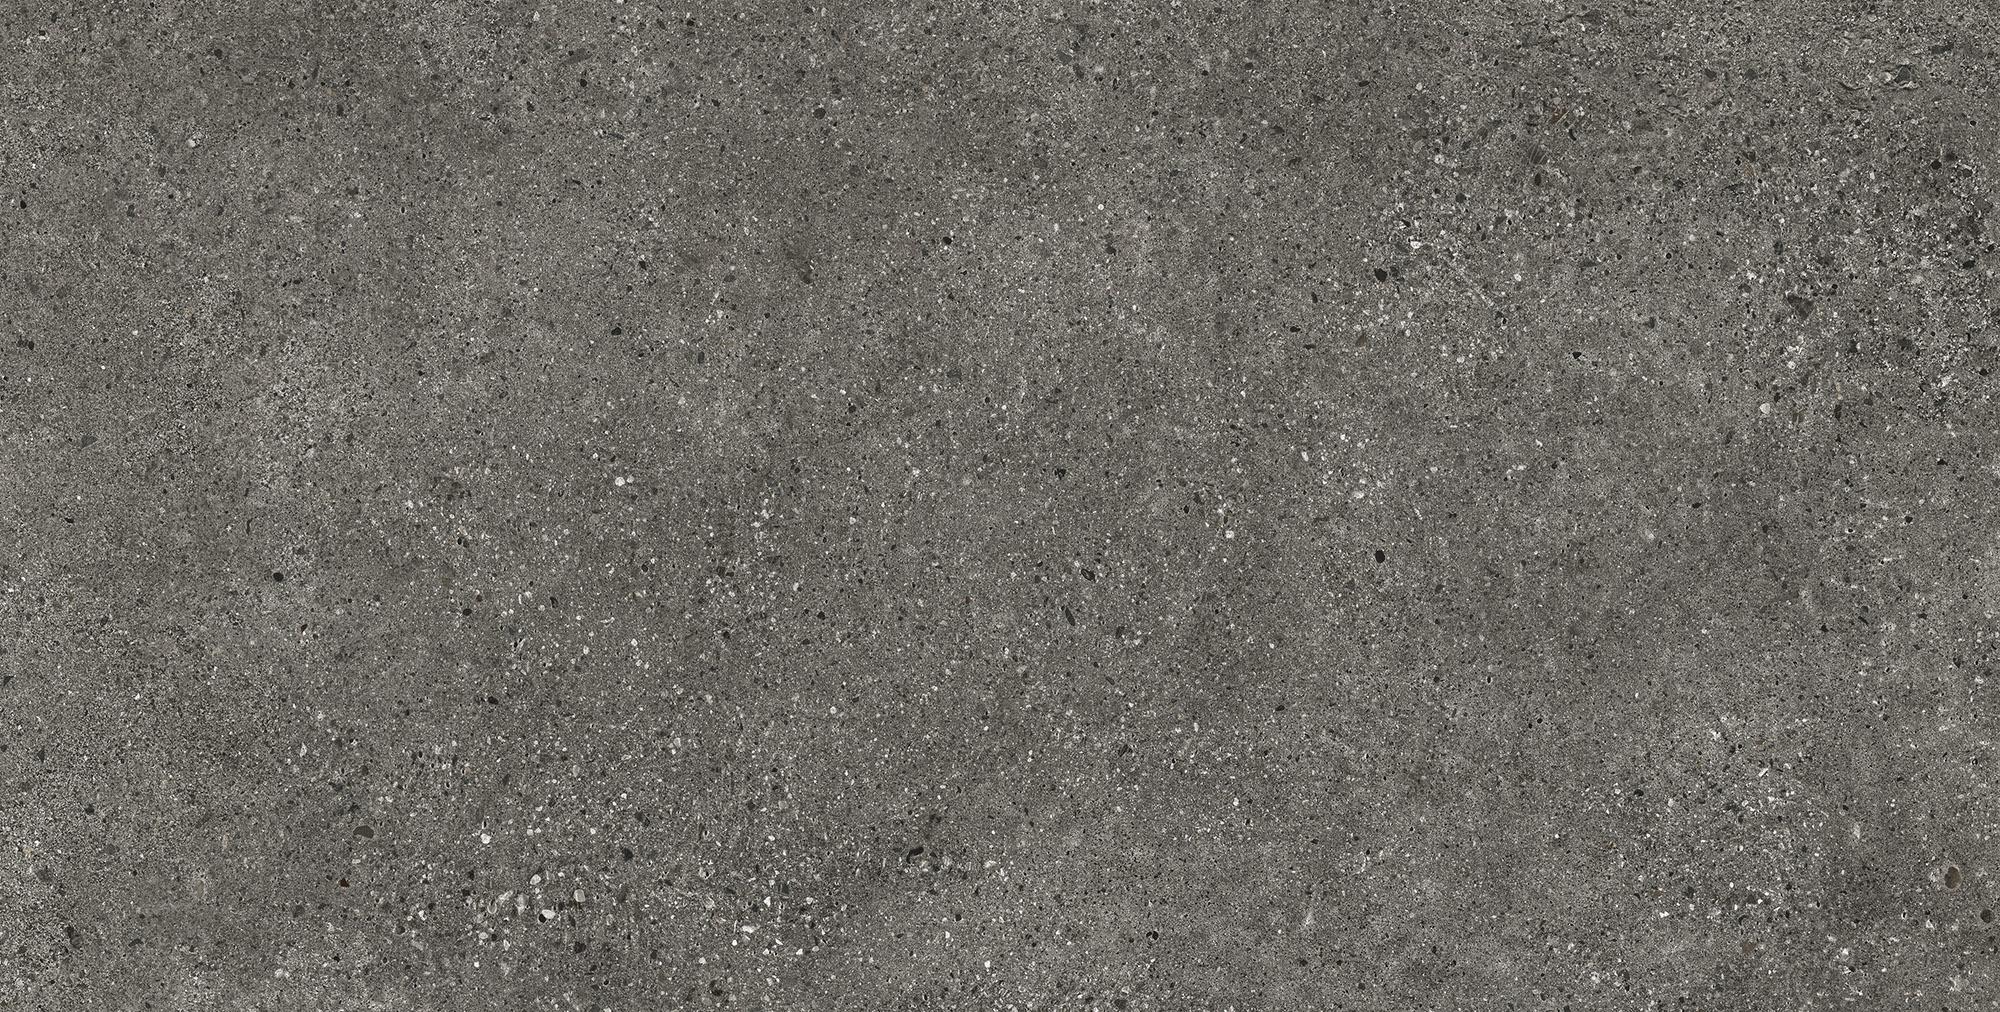 0099680, Deep, Tummanharmaa, lattia,pakkasenkesto,liukastumisenesto,uimahalli